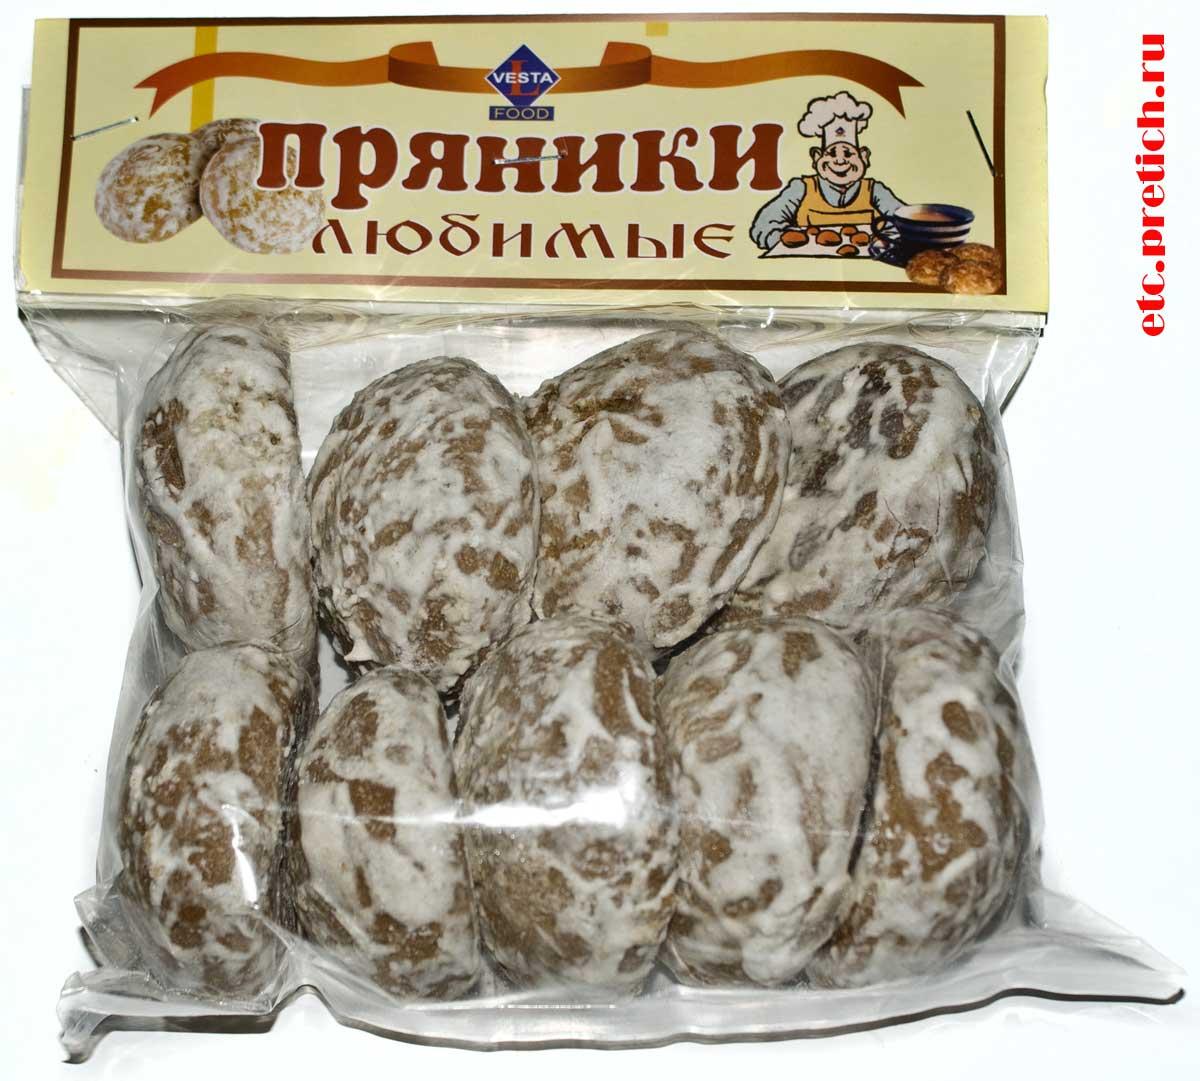 Отзыв на Пряники любимые VESTA-L FOOD сделано в Казахстане